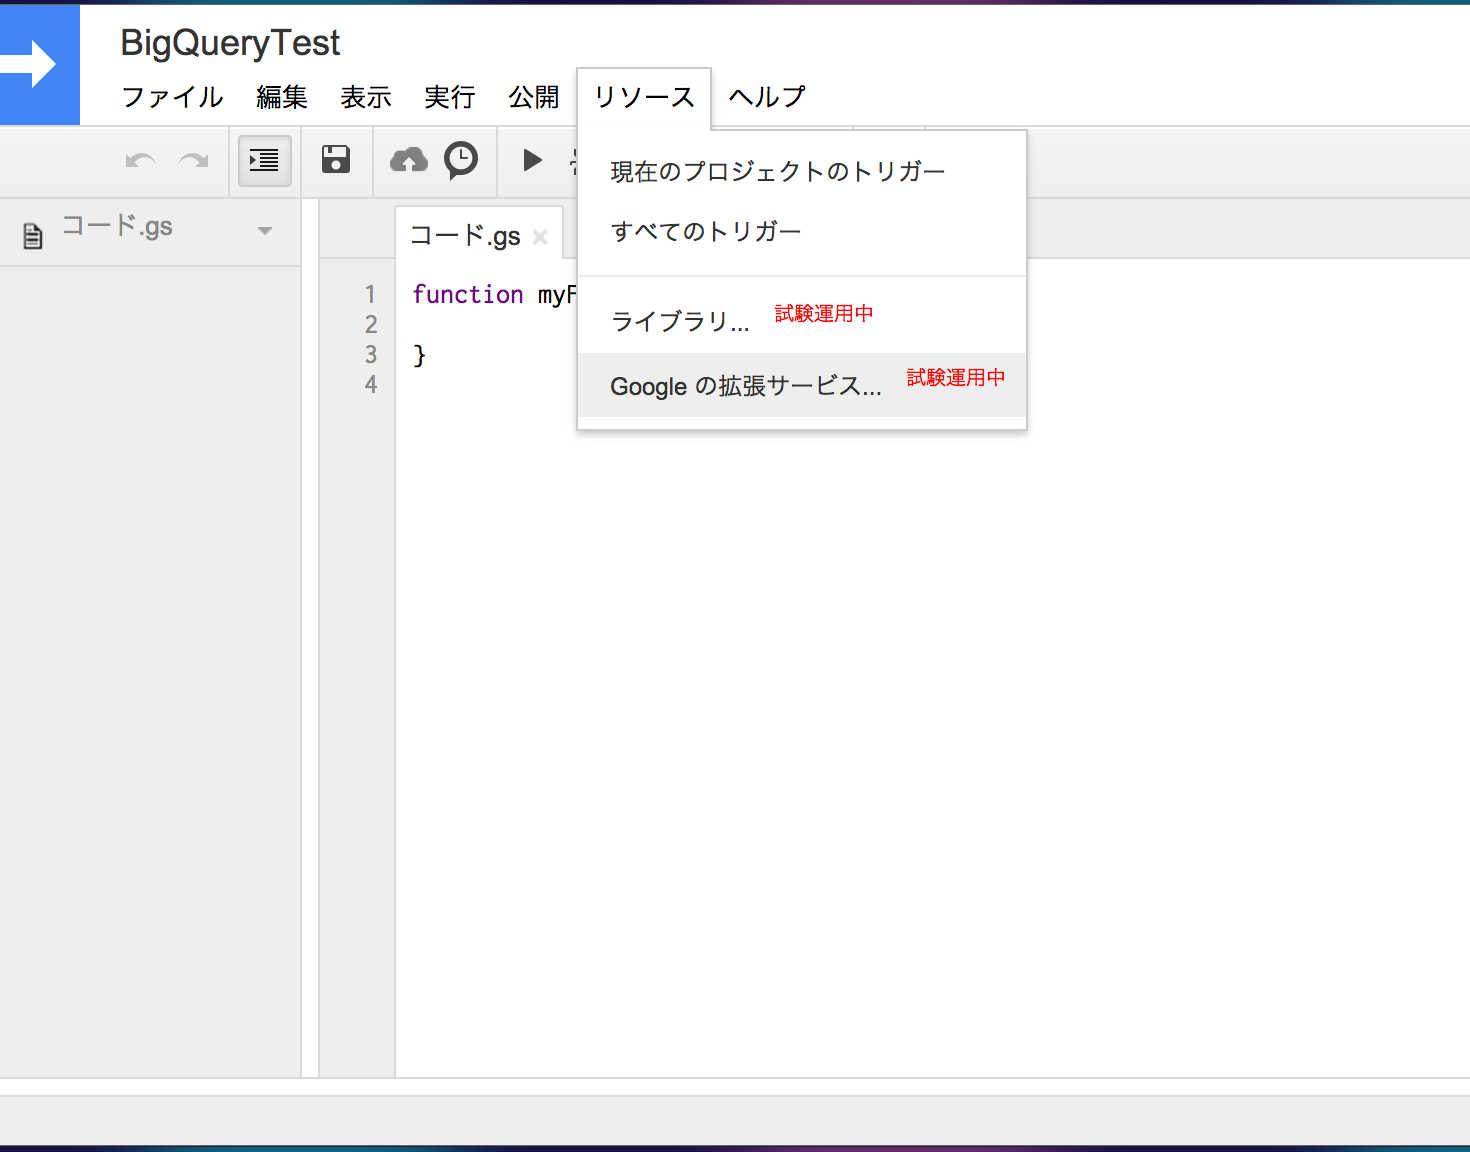 spreadsheet_002.jpg